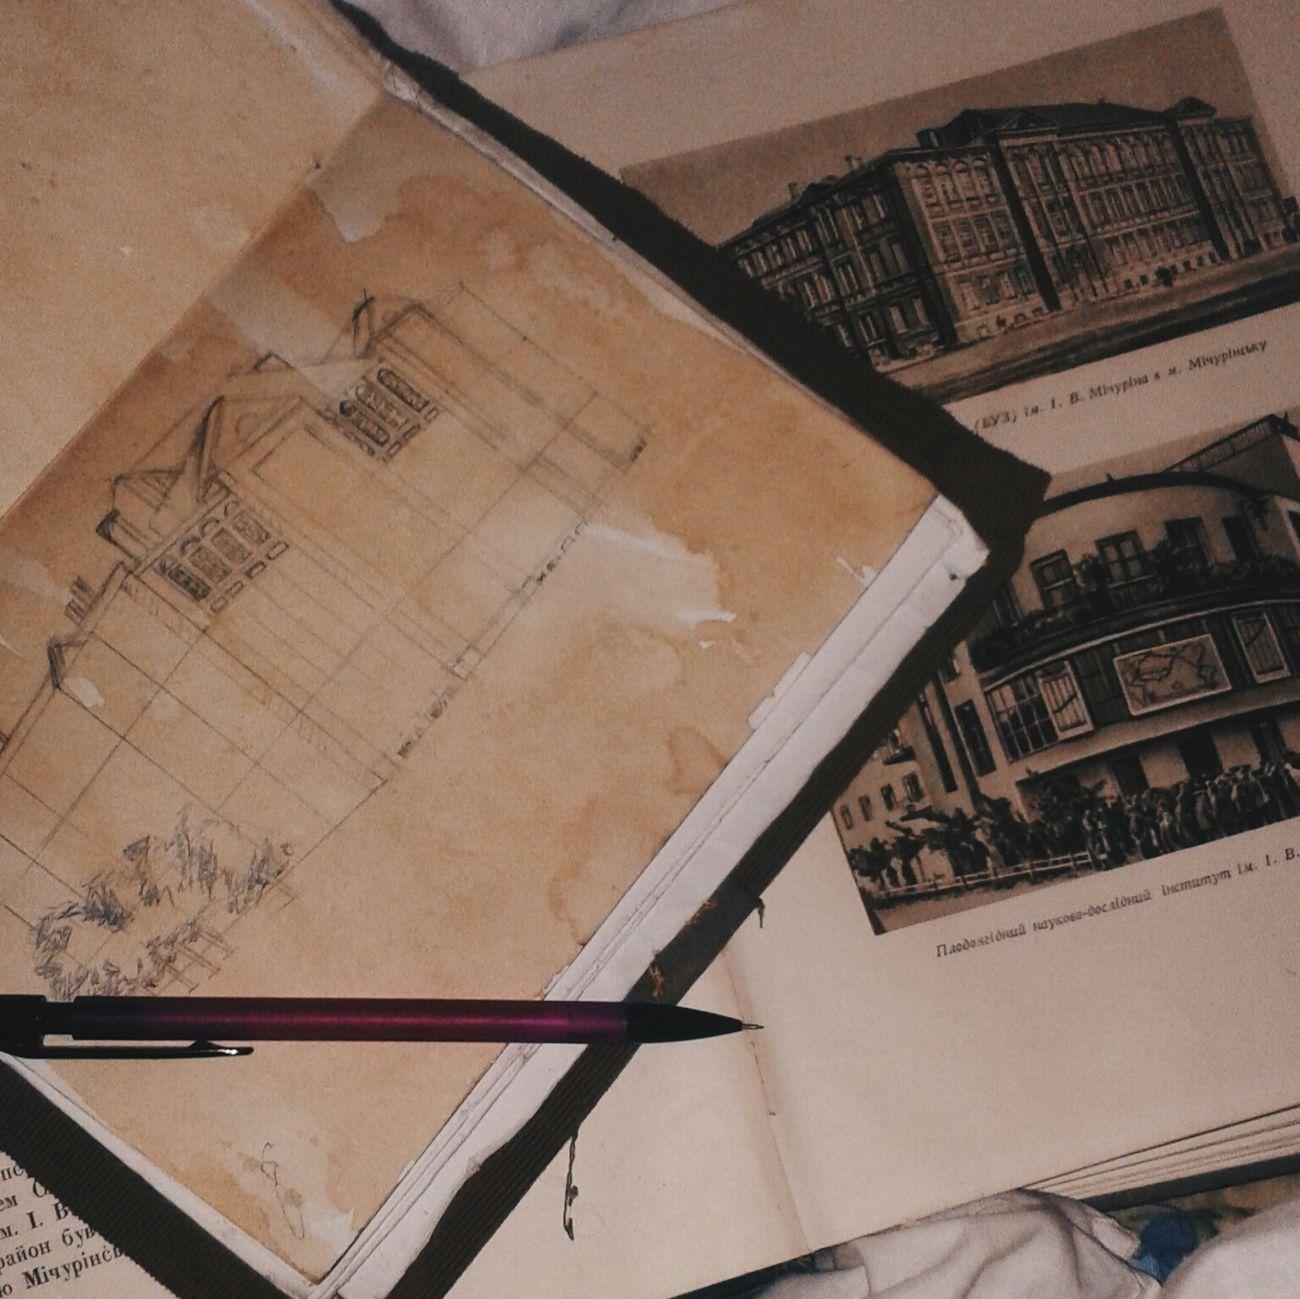 рисую рисунок дом блокнот книга делать было нечего, дело было вечером:Р карандаш